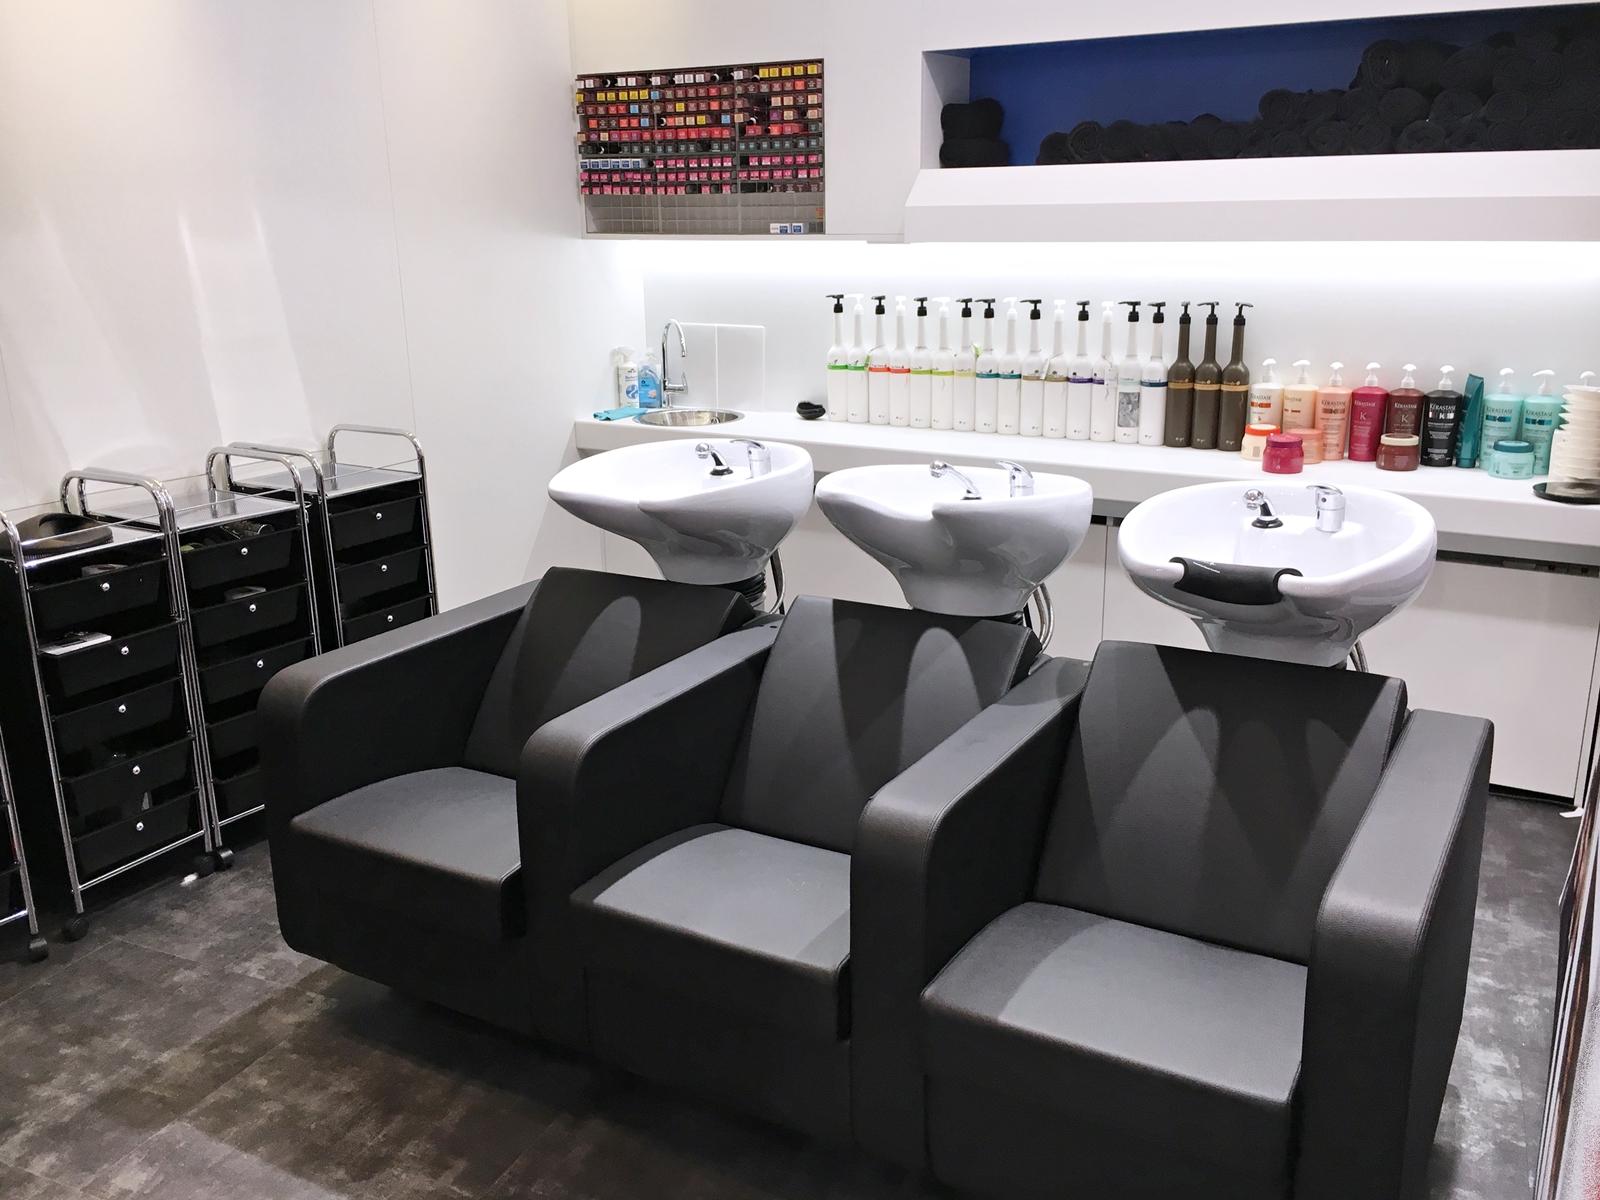 Hair Trader Eröffnung Donau Zentrum Wien - Beauty Concept Store - Brüder Raitz - Roma Friseurbedarf - Waschplatz - Fashionladyloves by Tamara Wagner - Lifestyleblog